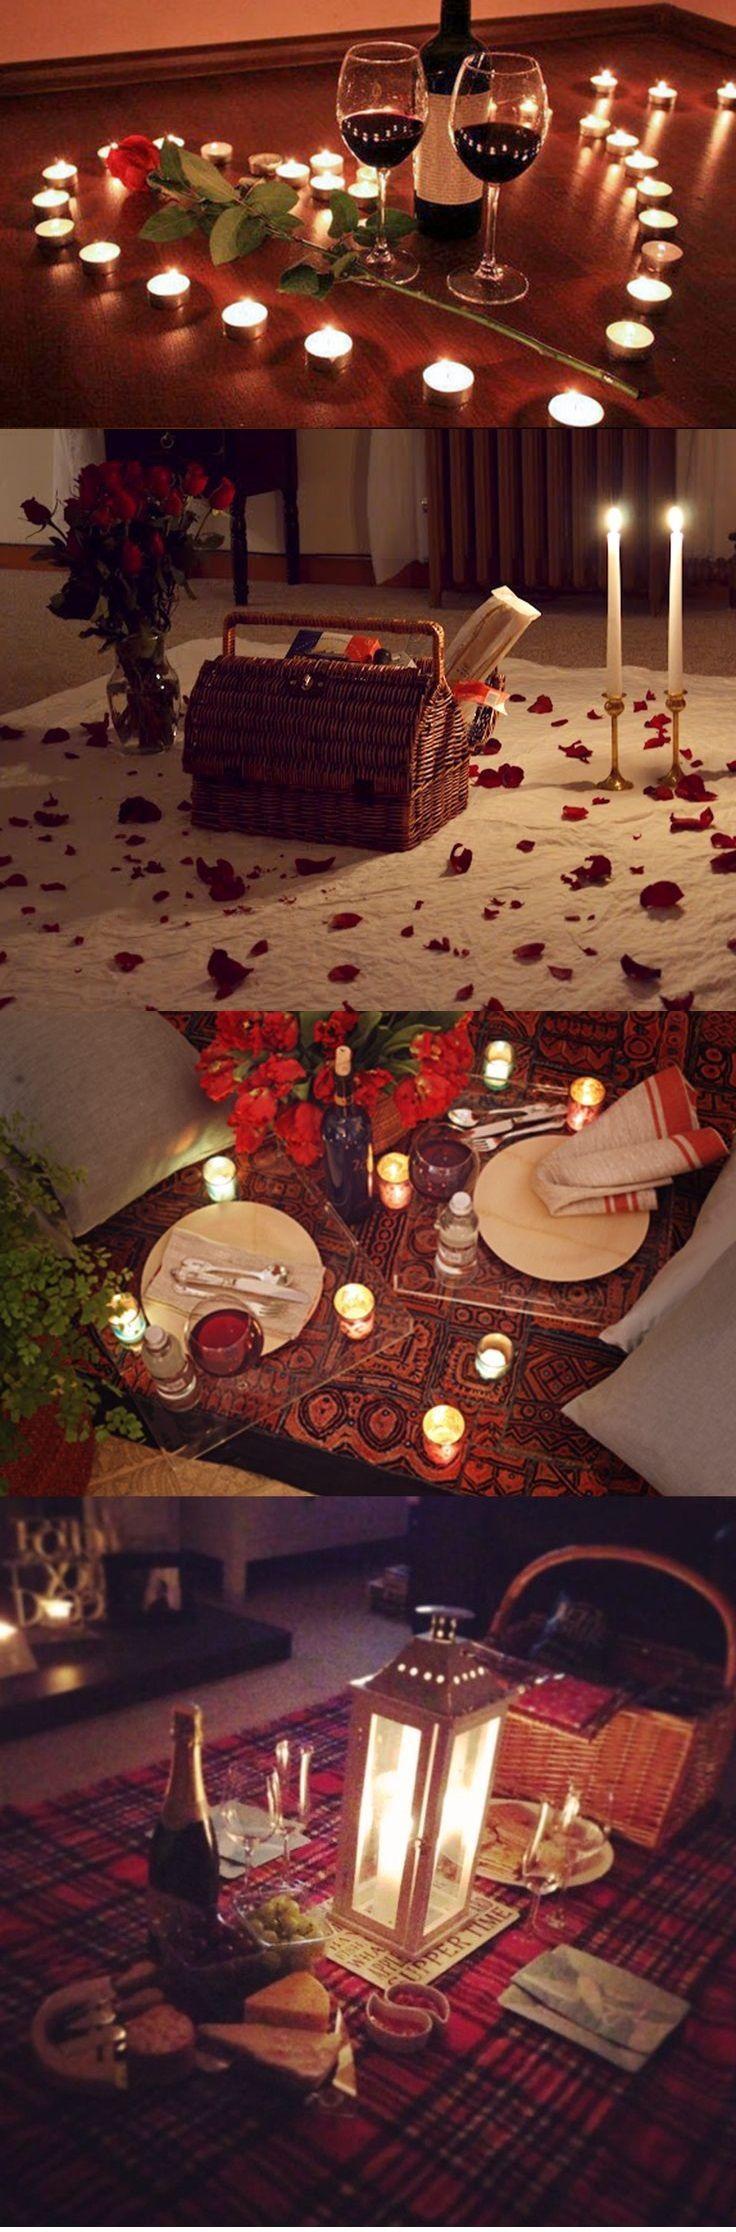 Estas ideas de cenas románticas son ideales para celebrar #SanValentín. ¡No te las pierdas!   Ideas para el 14 de febrero   Recetas románticas para San Valentín.   Cenas románticas en casa.